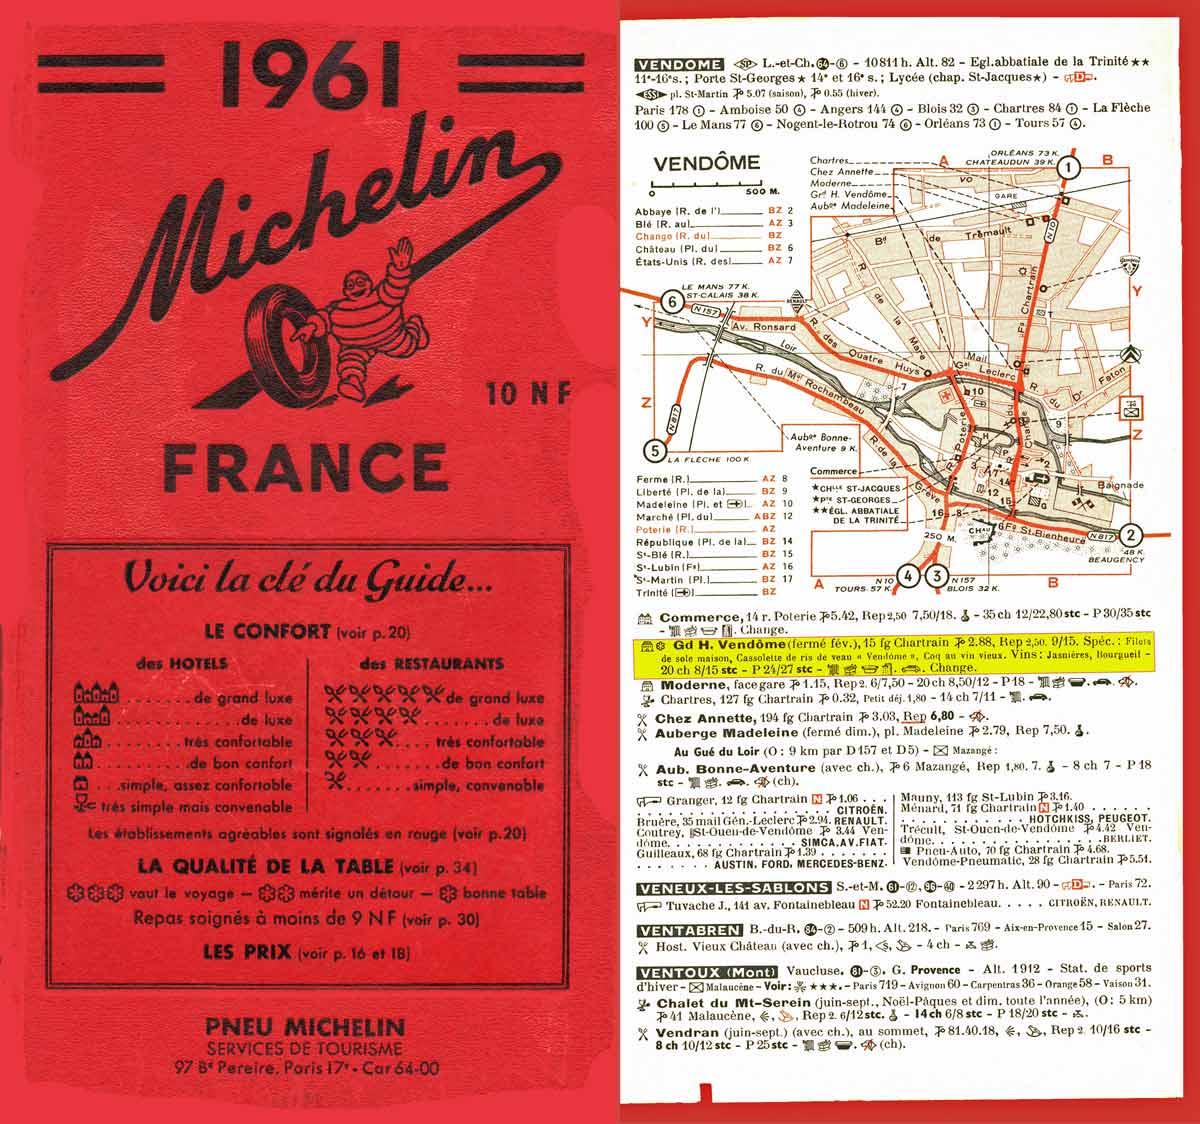 Michelin 1961 et son étoilé de l'époque à Vendôme (Fakenews de la NR)